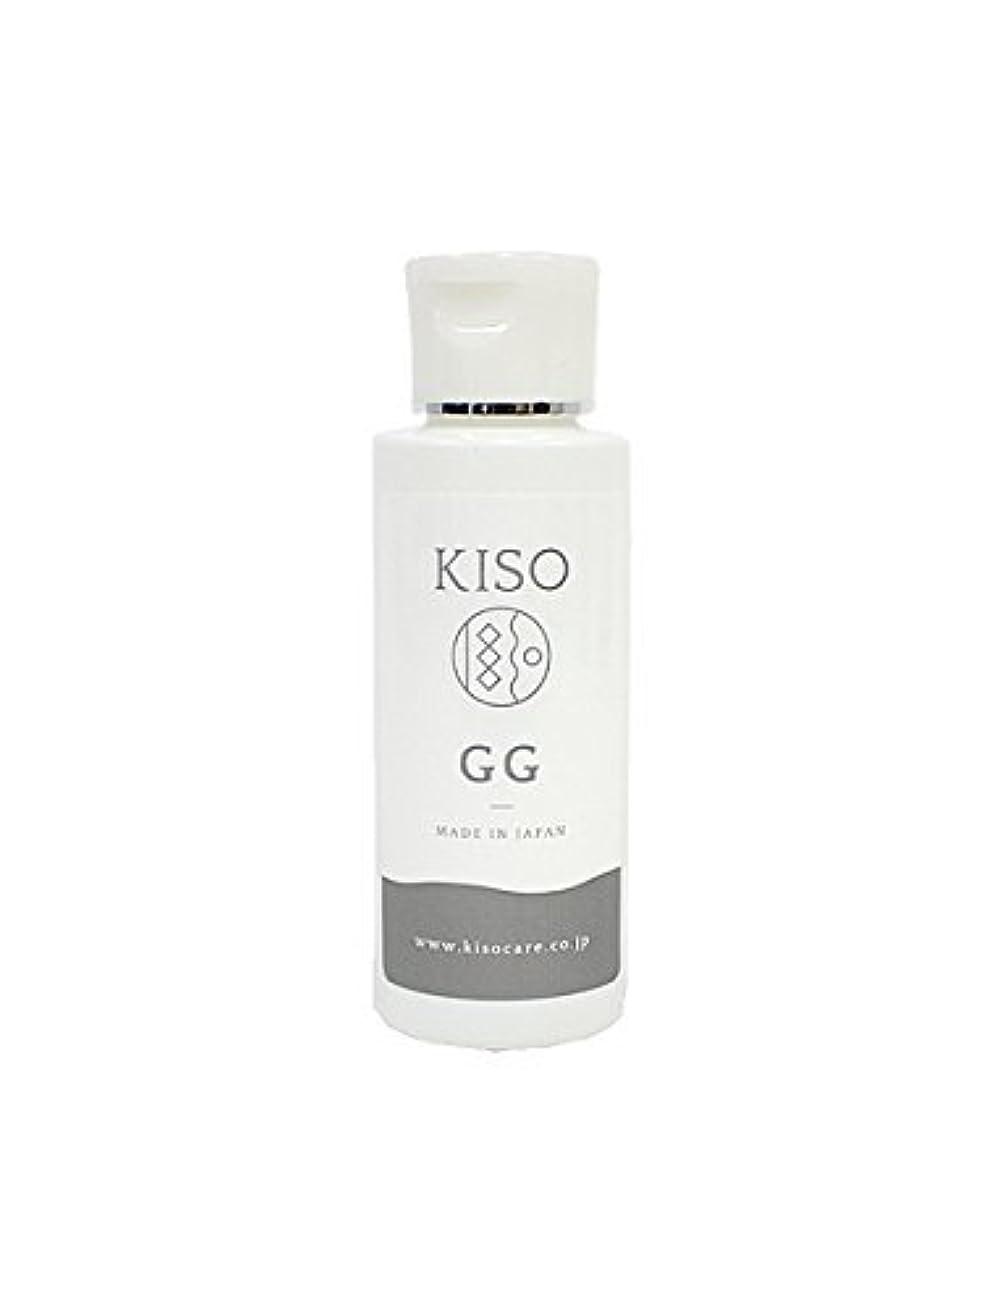 フロンティア記念品全滅させるKISO グリシルグリシン5% 高配合美容水 【GGエッセンス 50mL】 肌のキメを整える?肌をひきしめる